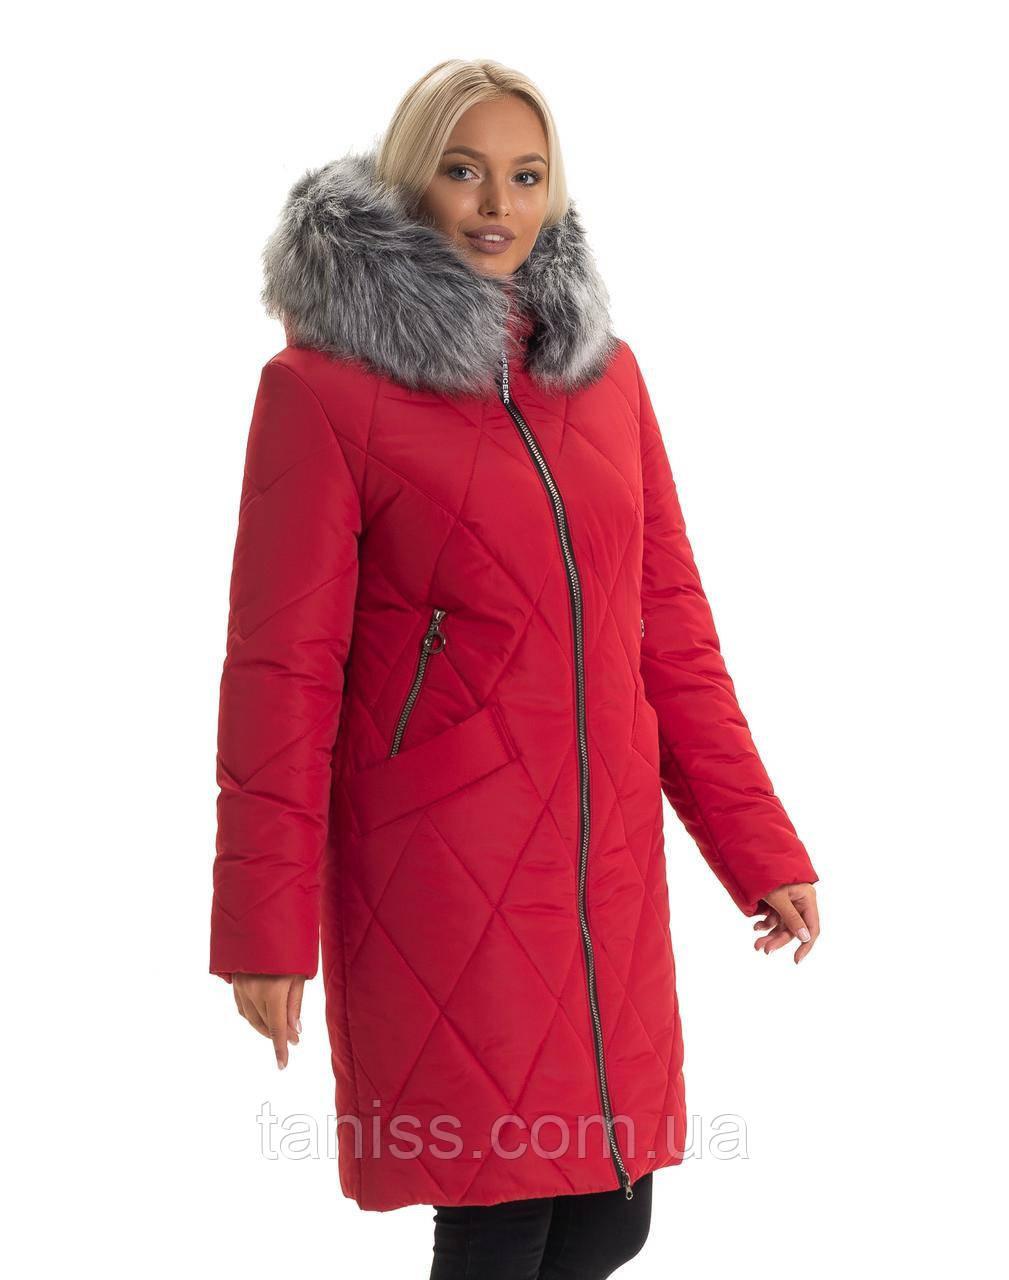 Зимний, женский пуховик большого размера,мех искусственный. капюшон вшитый. размеры 44,46,48,50 красный